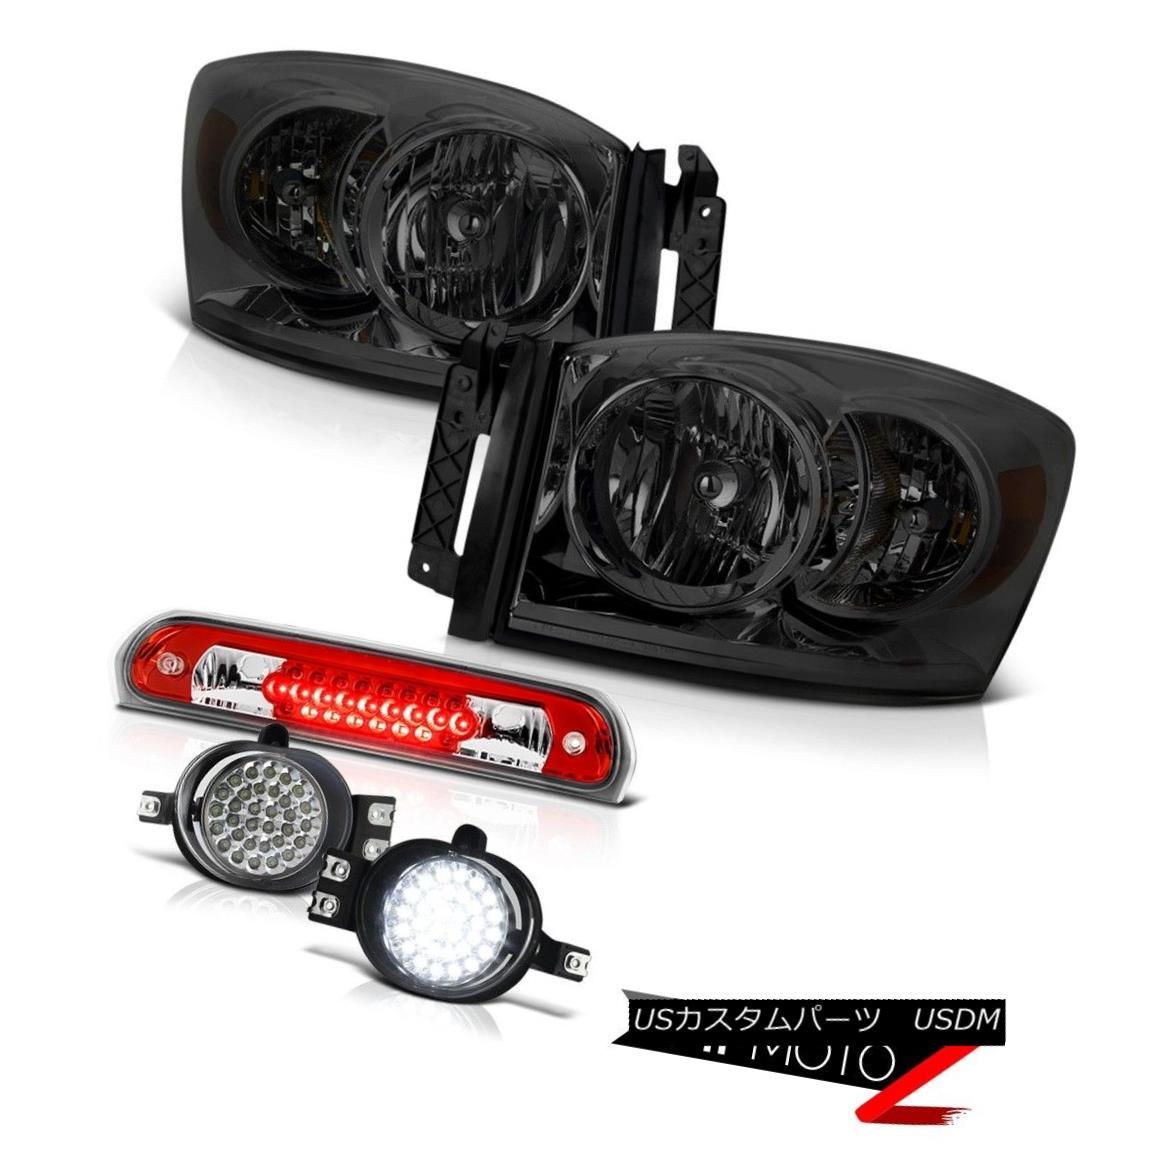 ヘッドライト Left Right Smoke Headlights Wiring+LED Fog Third Brake Cargo LED 07 08 Ram Hemi 左右スモークヘッドライト配線+ LEDフォグ第3ブレーキカーゴLED 07 08 Ram Hemi